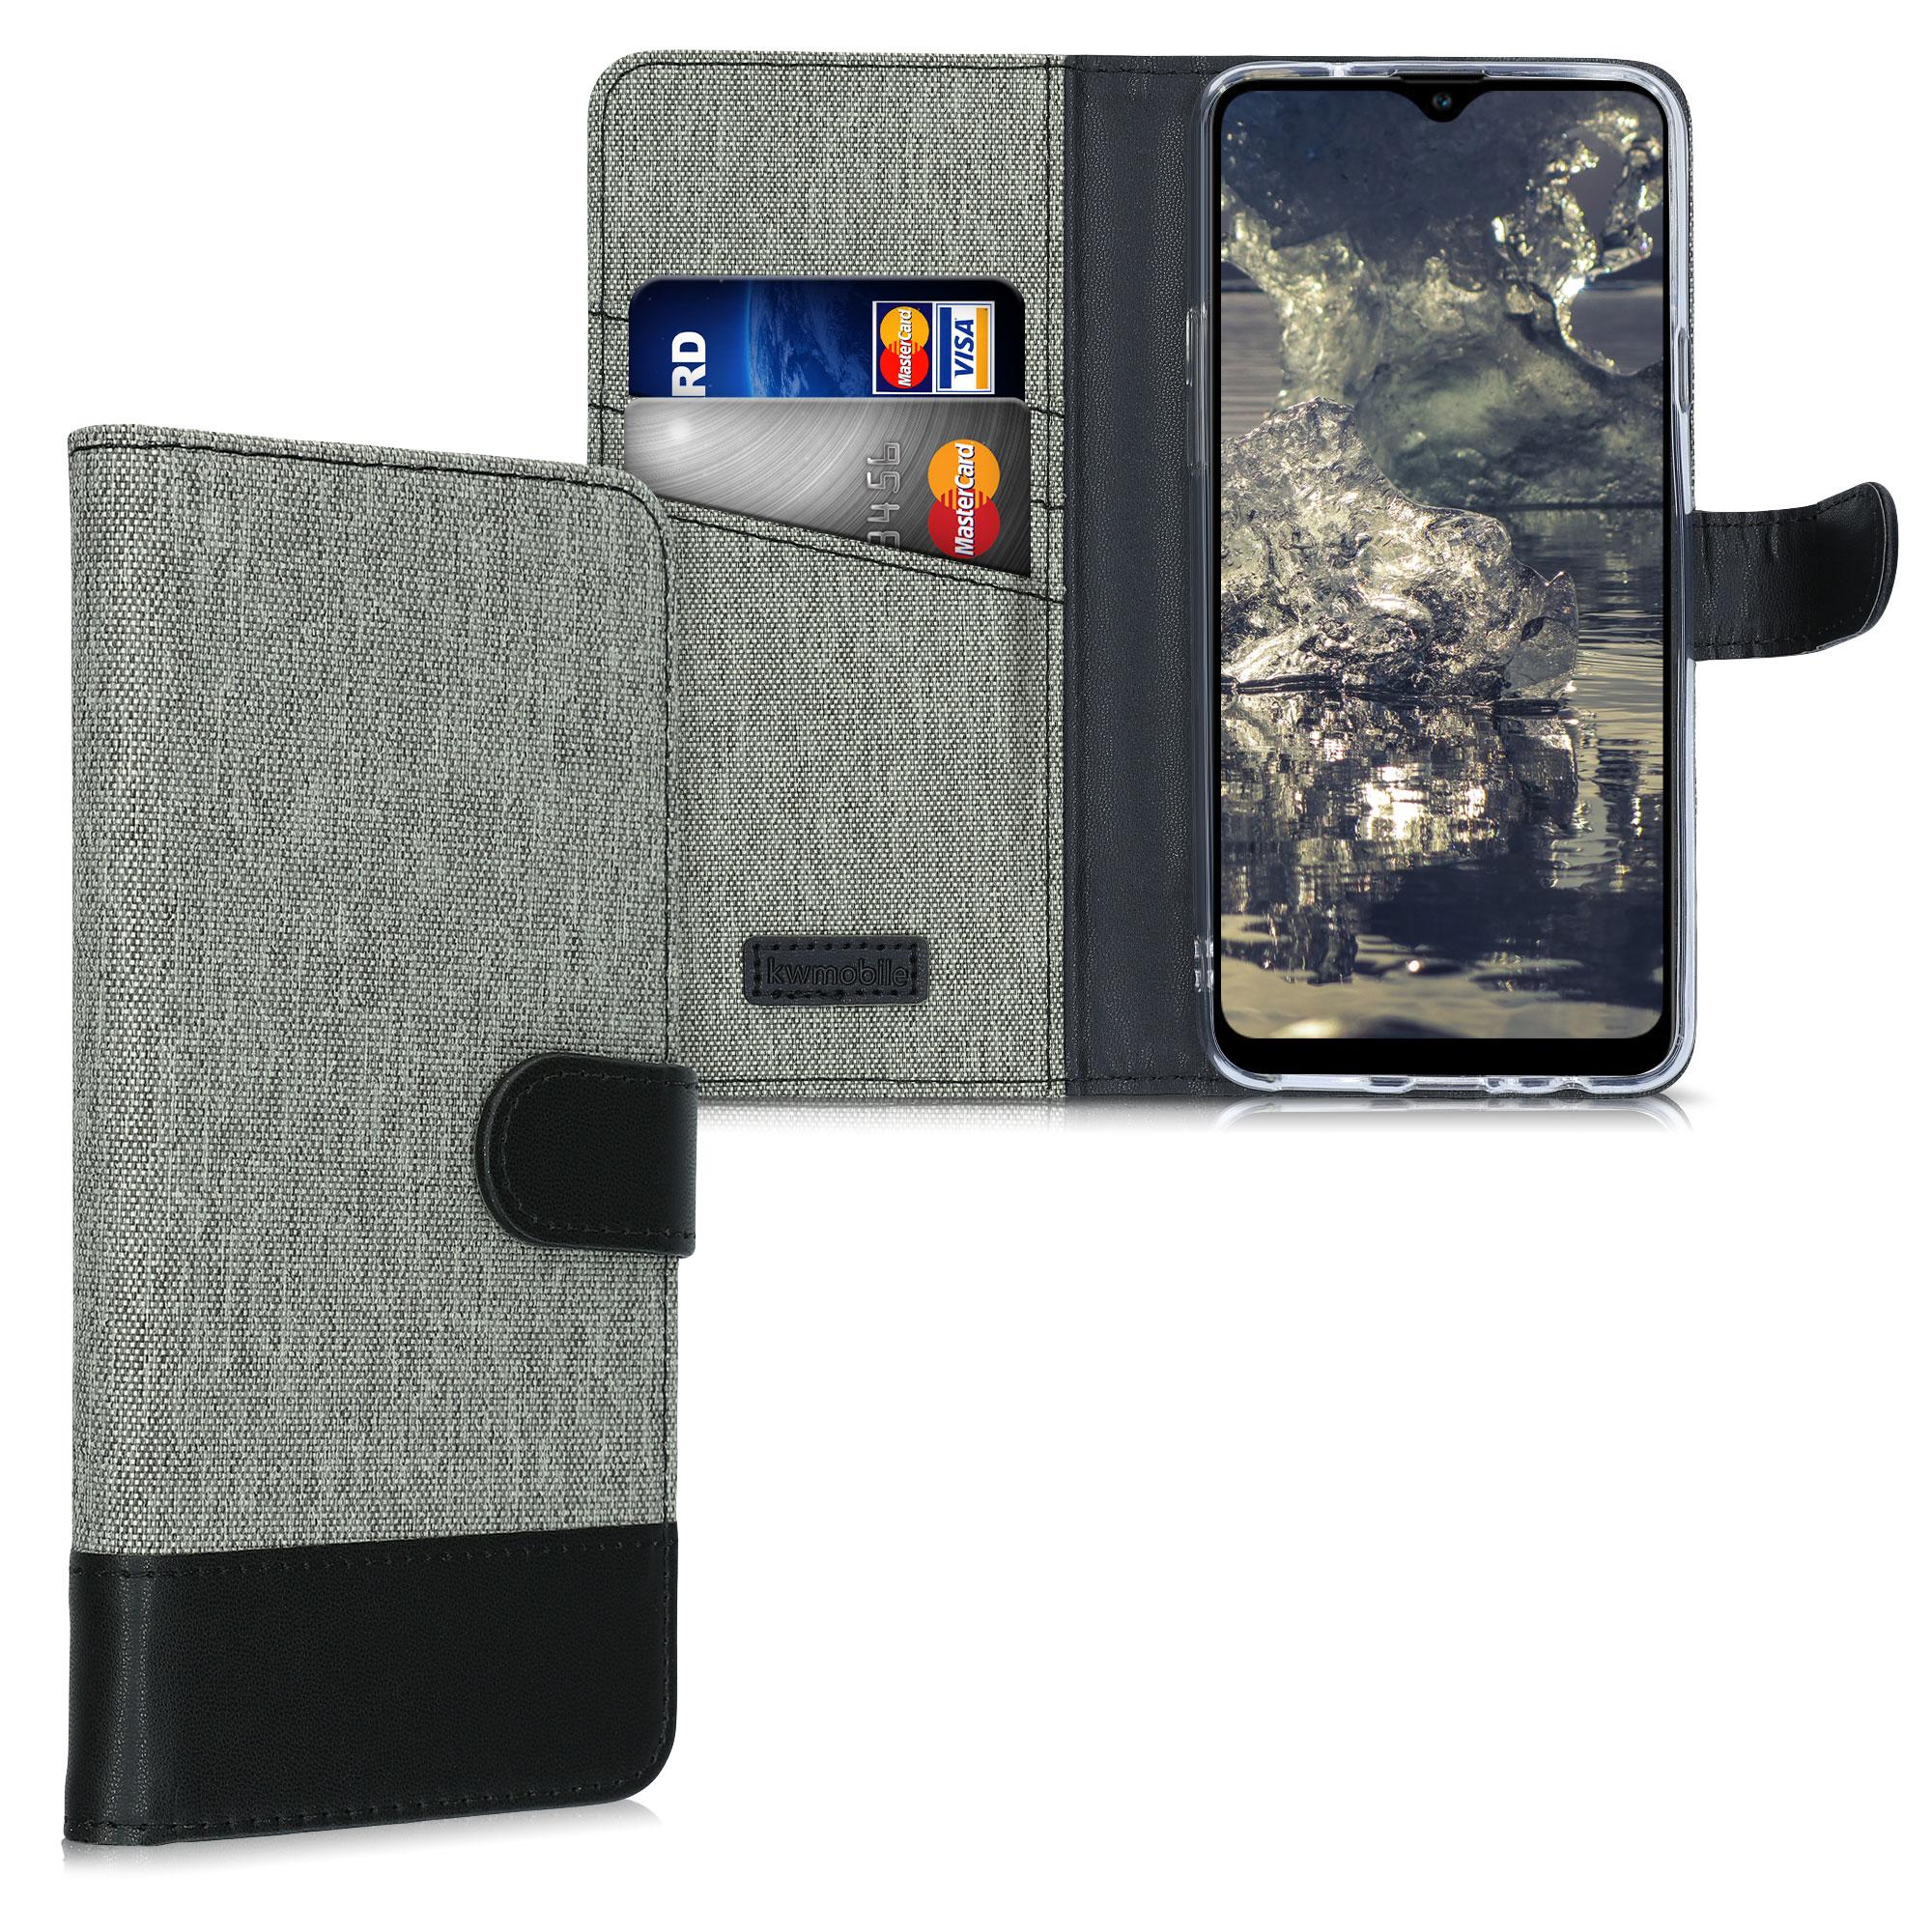 Fabricpouzdro pro Samsung A20s - šedé / černé